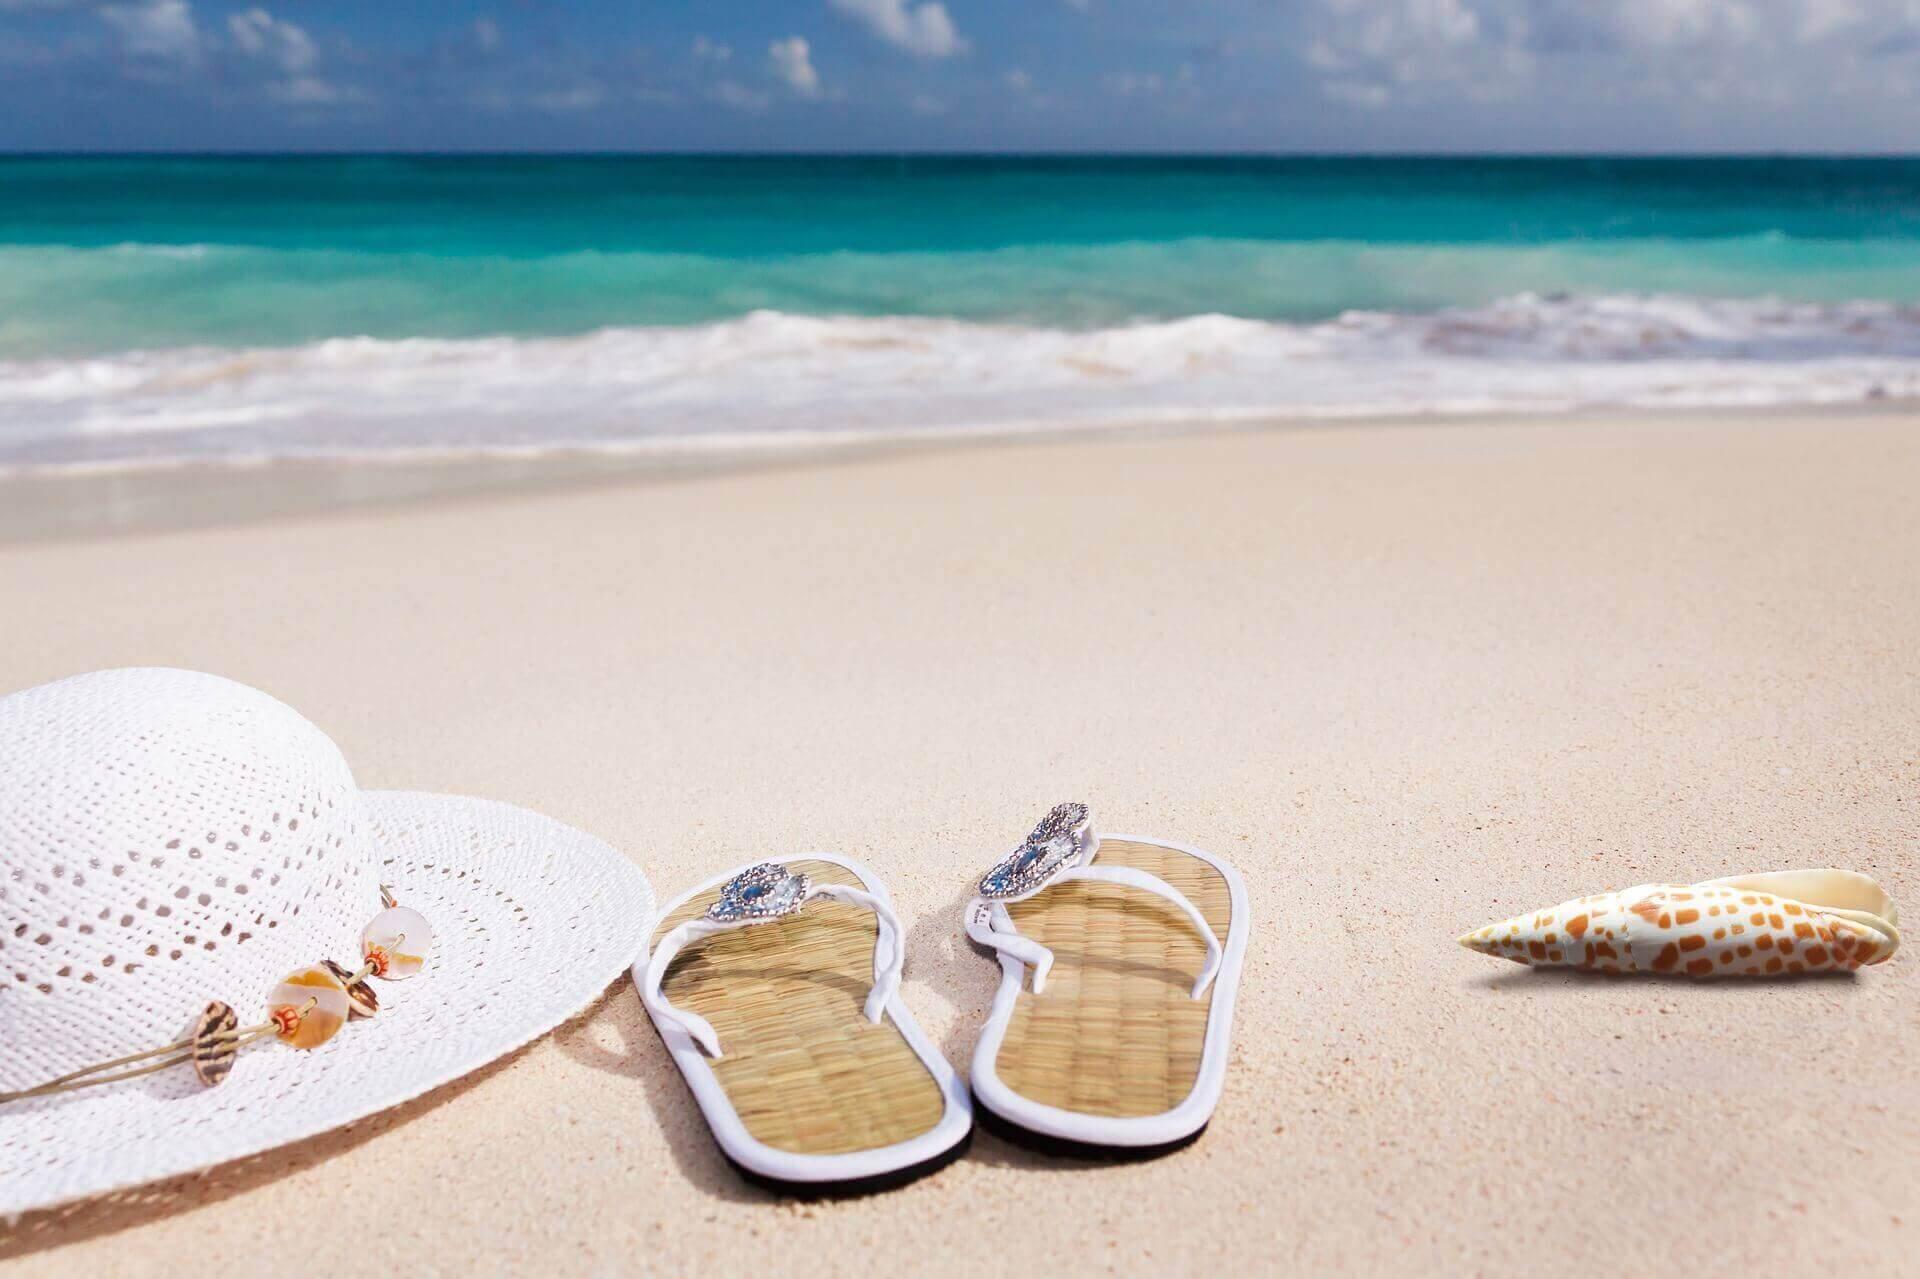 夏のビーチ(帽子とビーチサンダル)